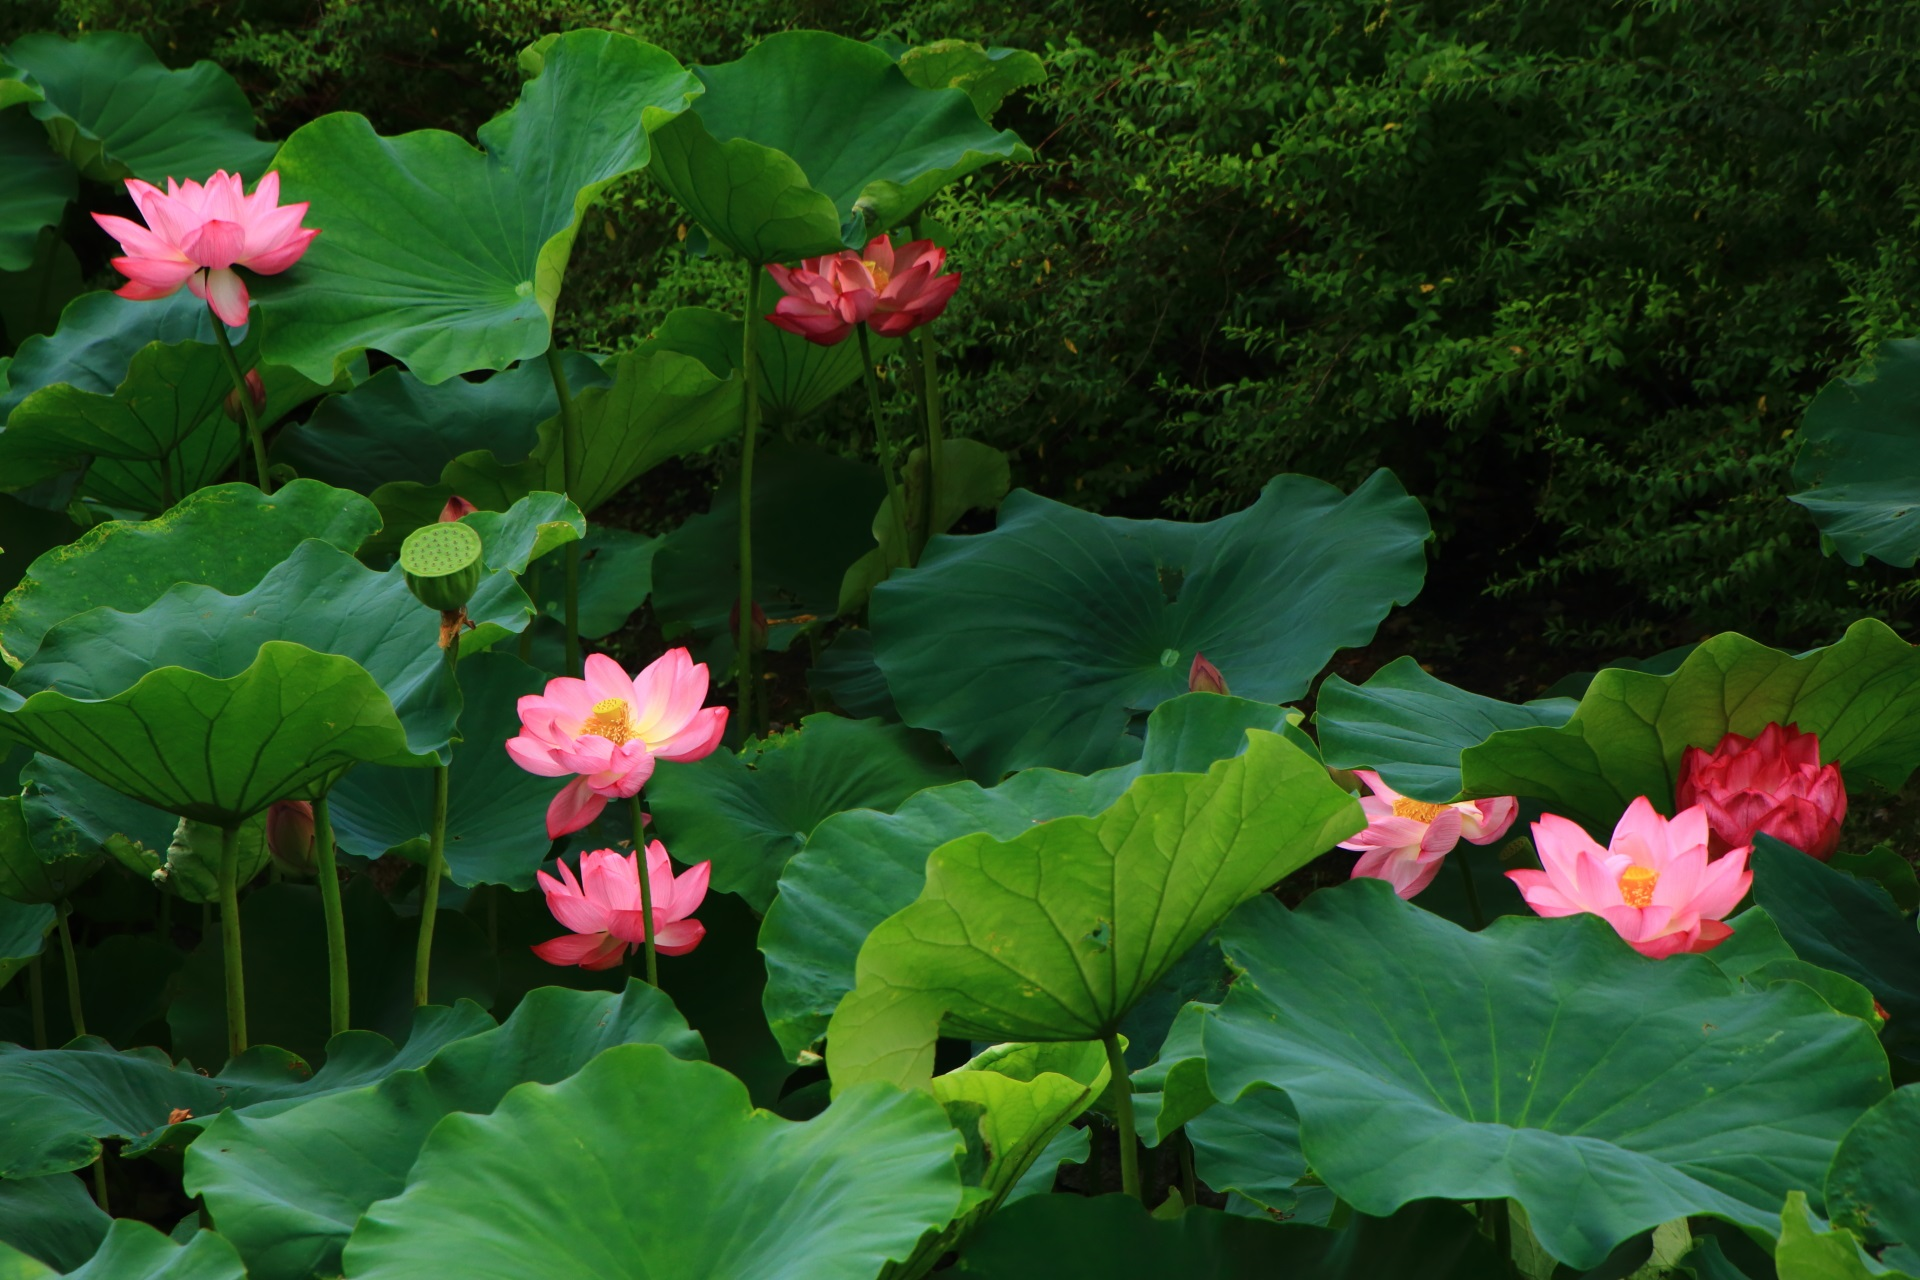 優雅に咲き誇る華やかな蓮の花たち